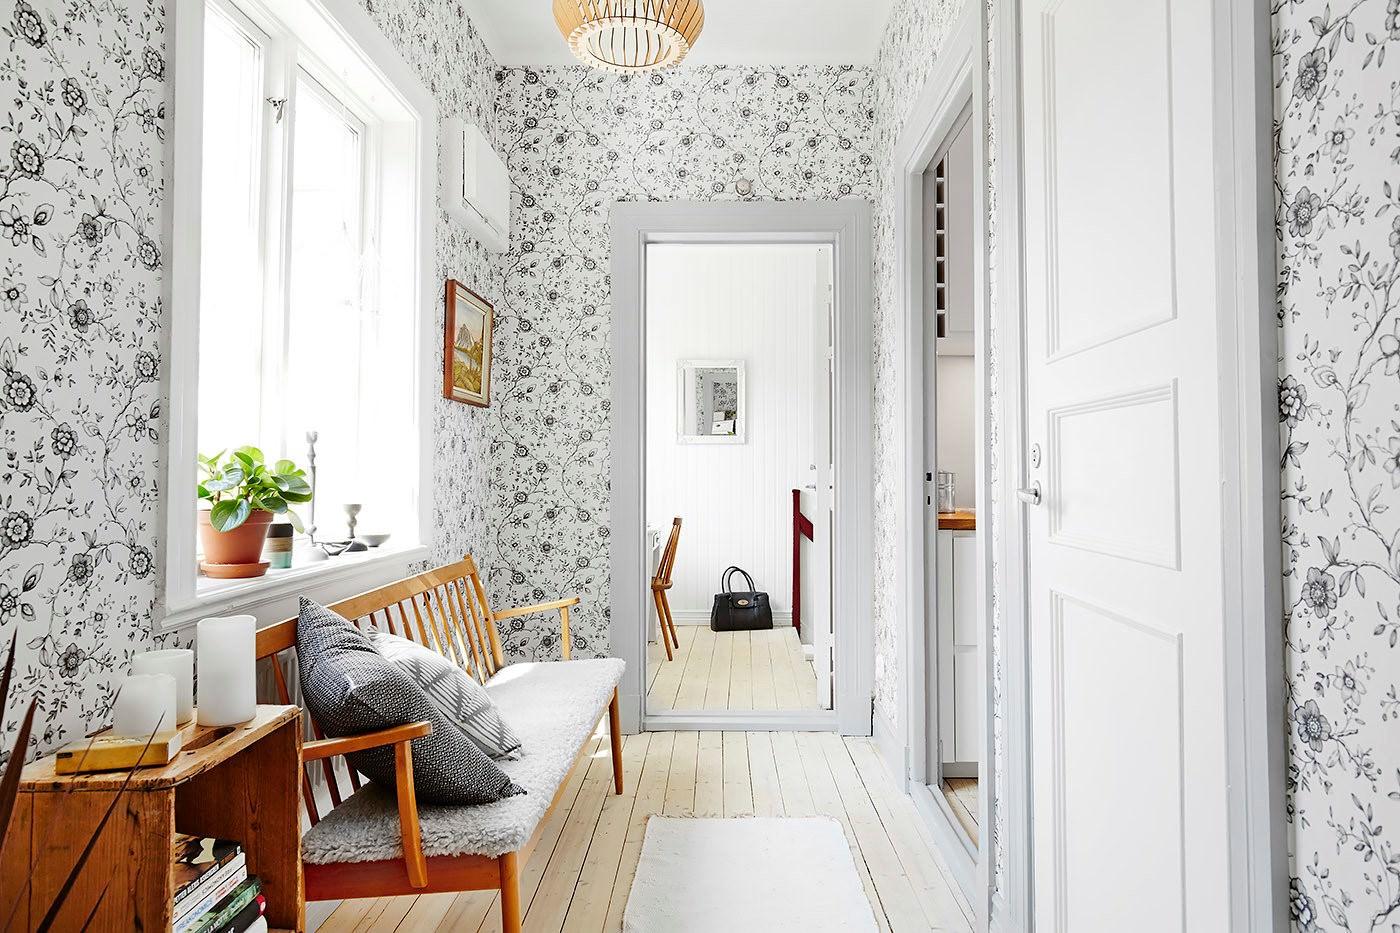 41206 Варианты выбора обоев и оклейки стен в прихожих комнатах